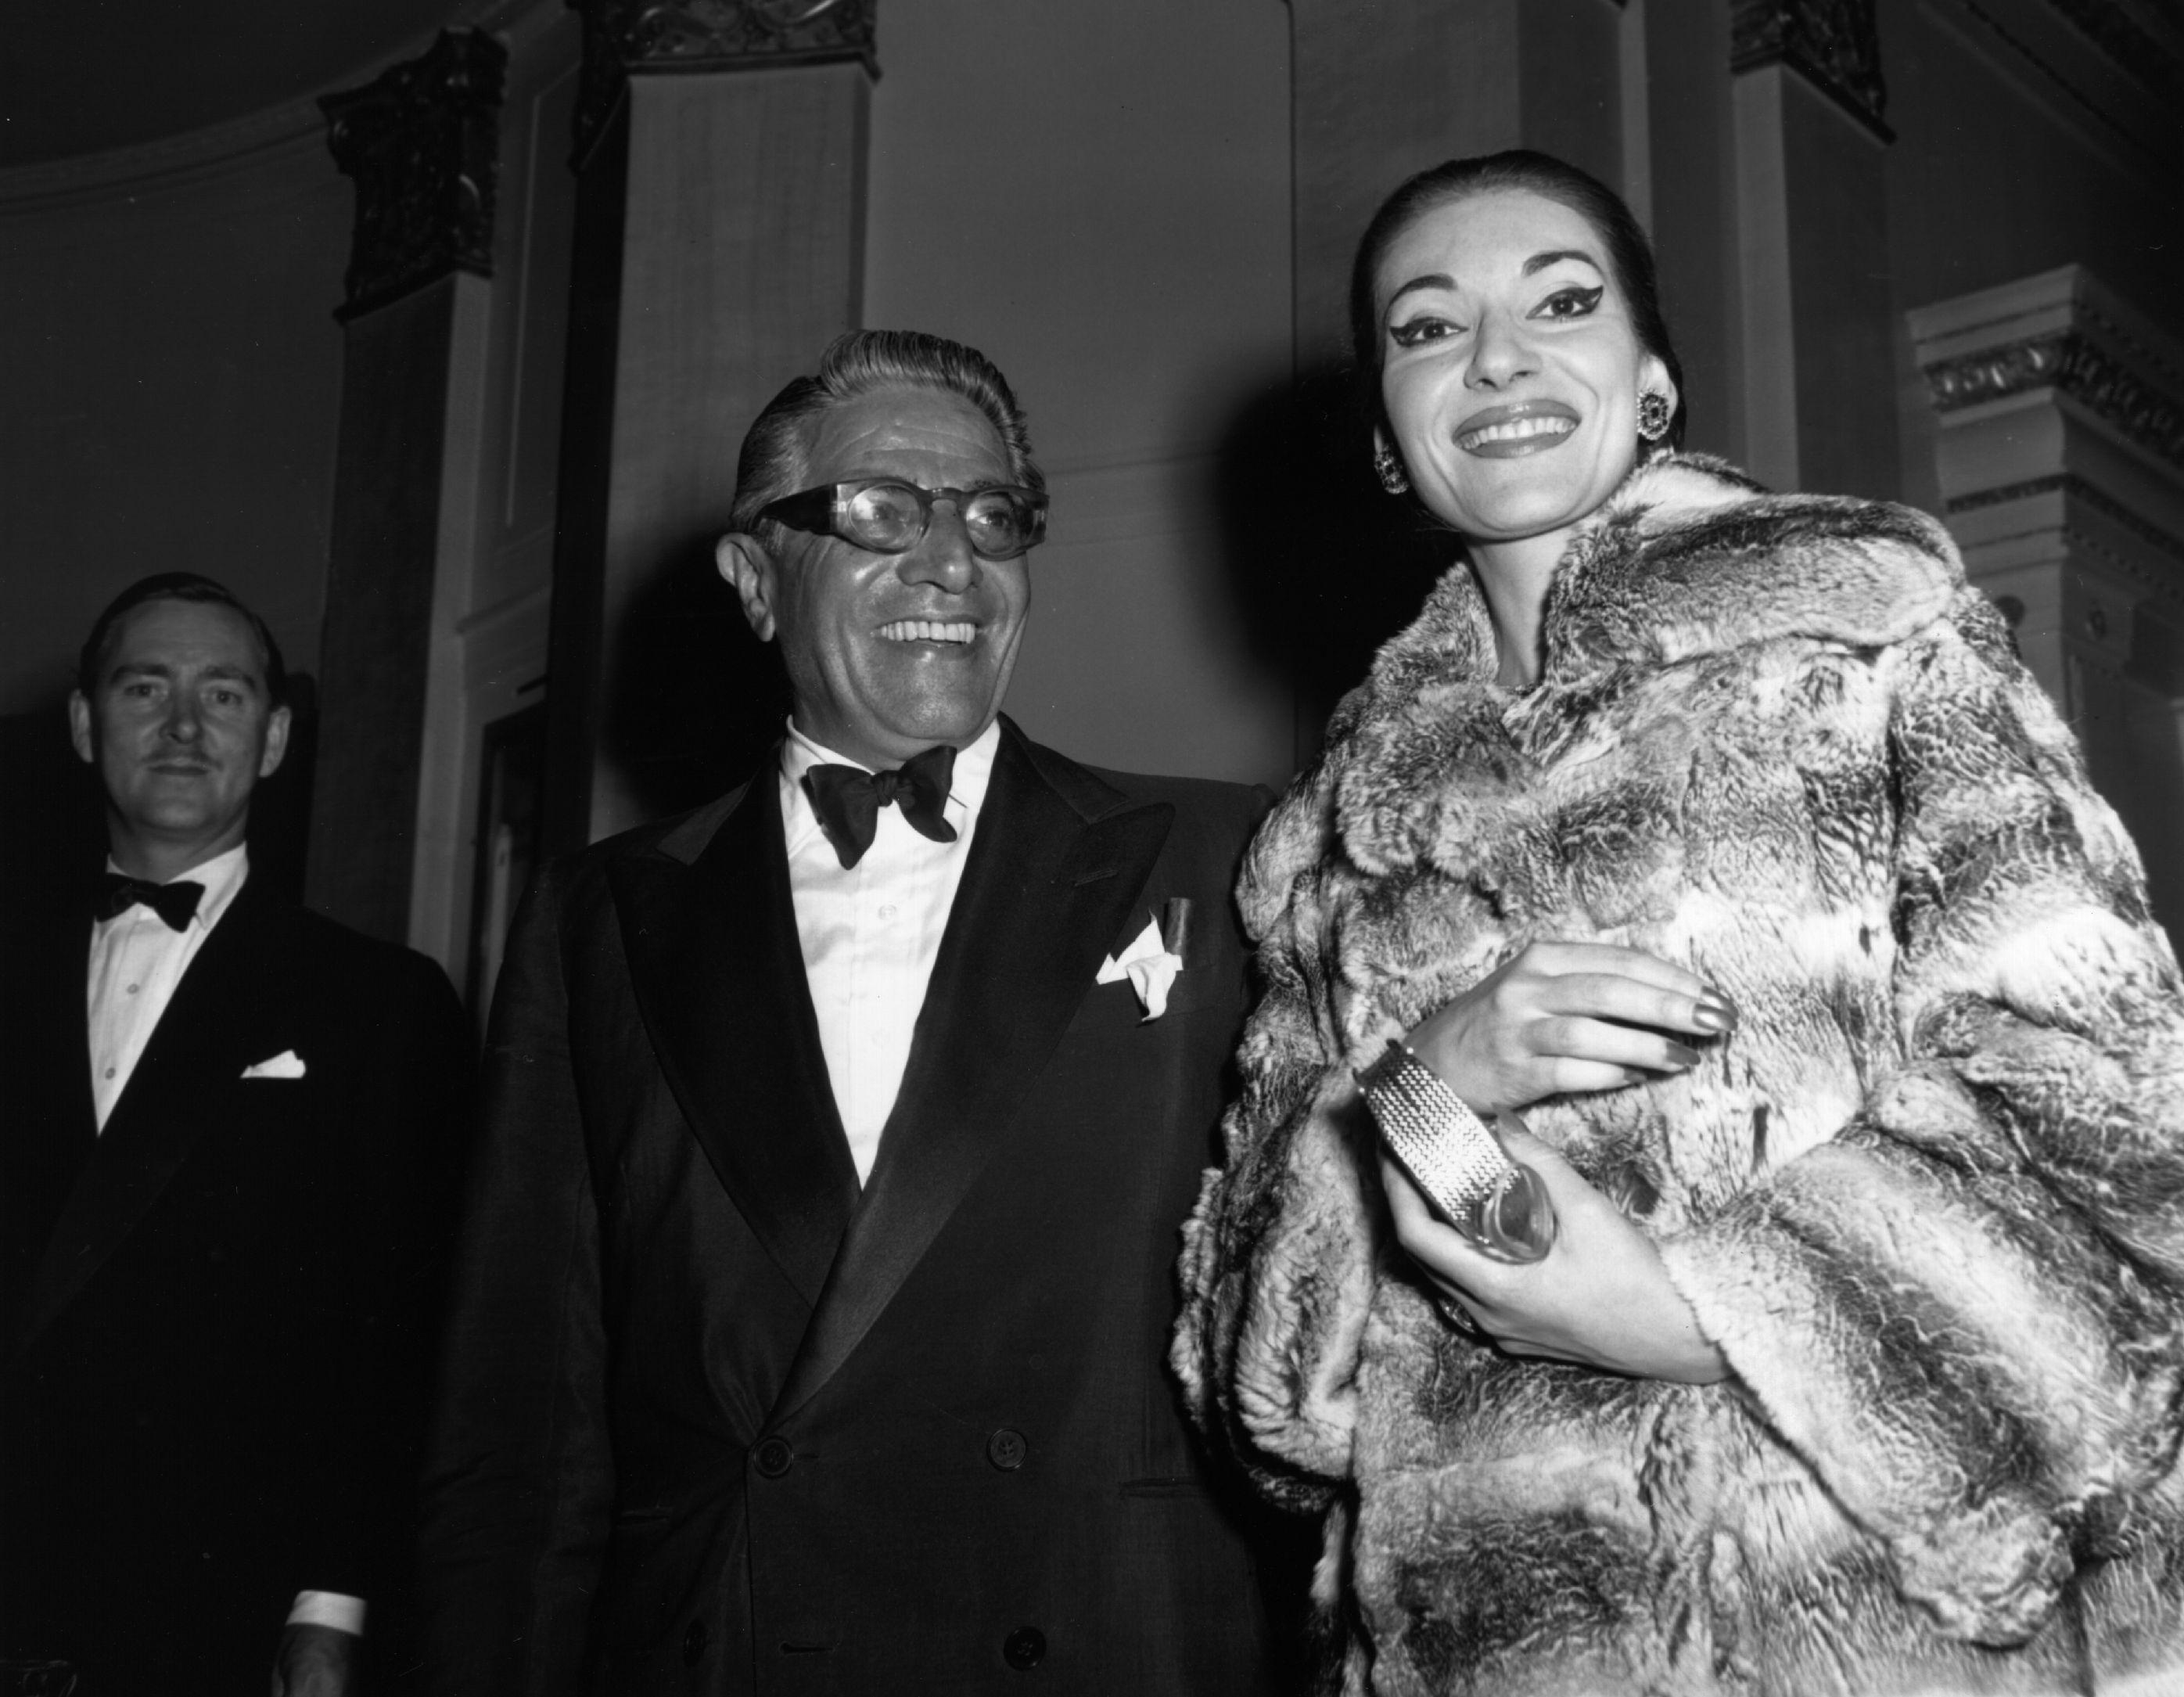 <p>През 1957 г., докато все още е омъжена, Мария се запознава с гръцкия милионер Аристотел Онасис. Последвалата афера получава много гласност. Онасис напуска Калас заради Жаклин Кенеди през 1968 г.</p>